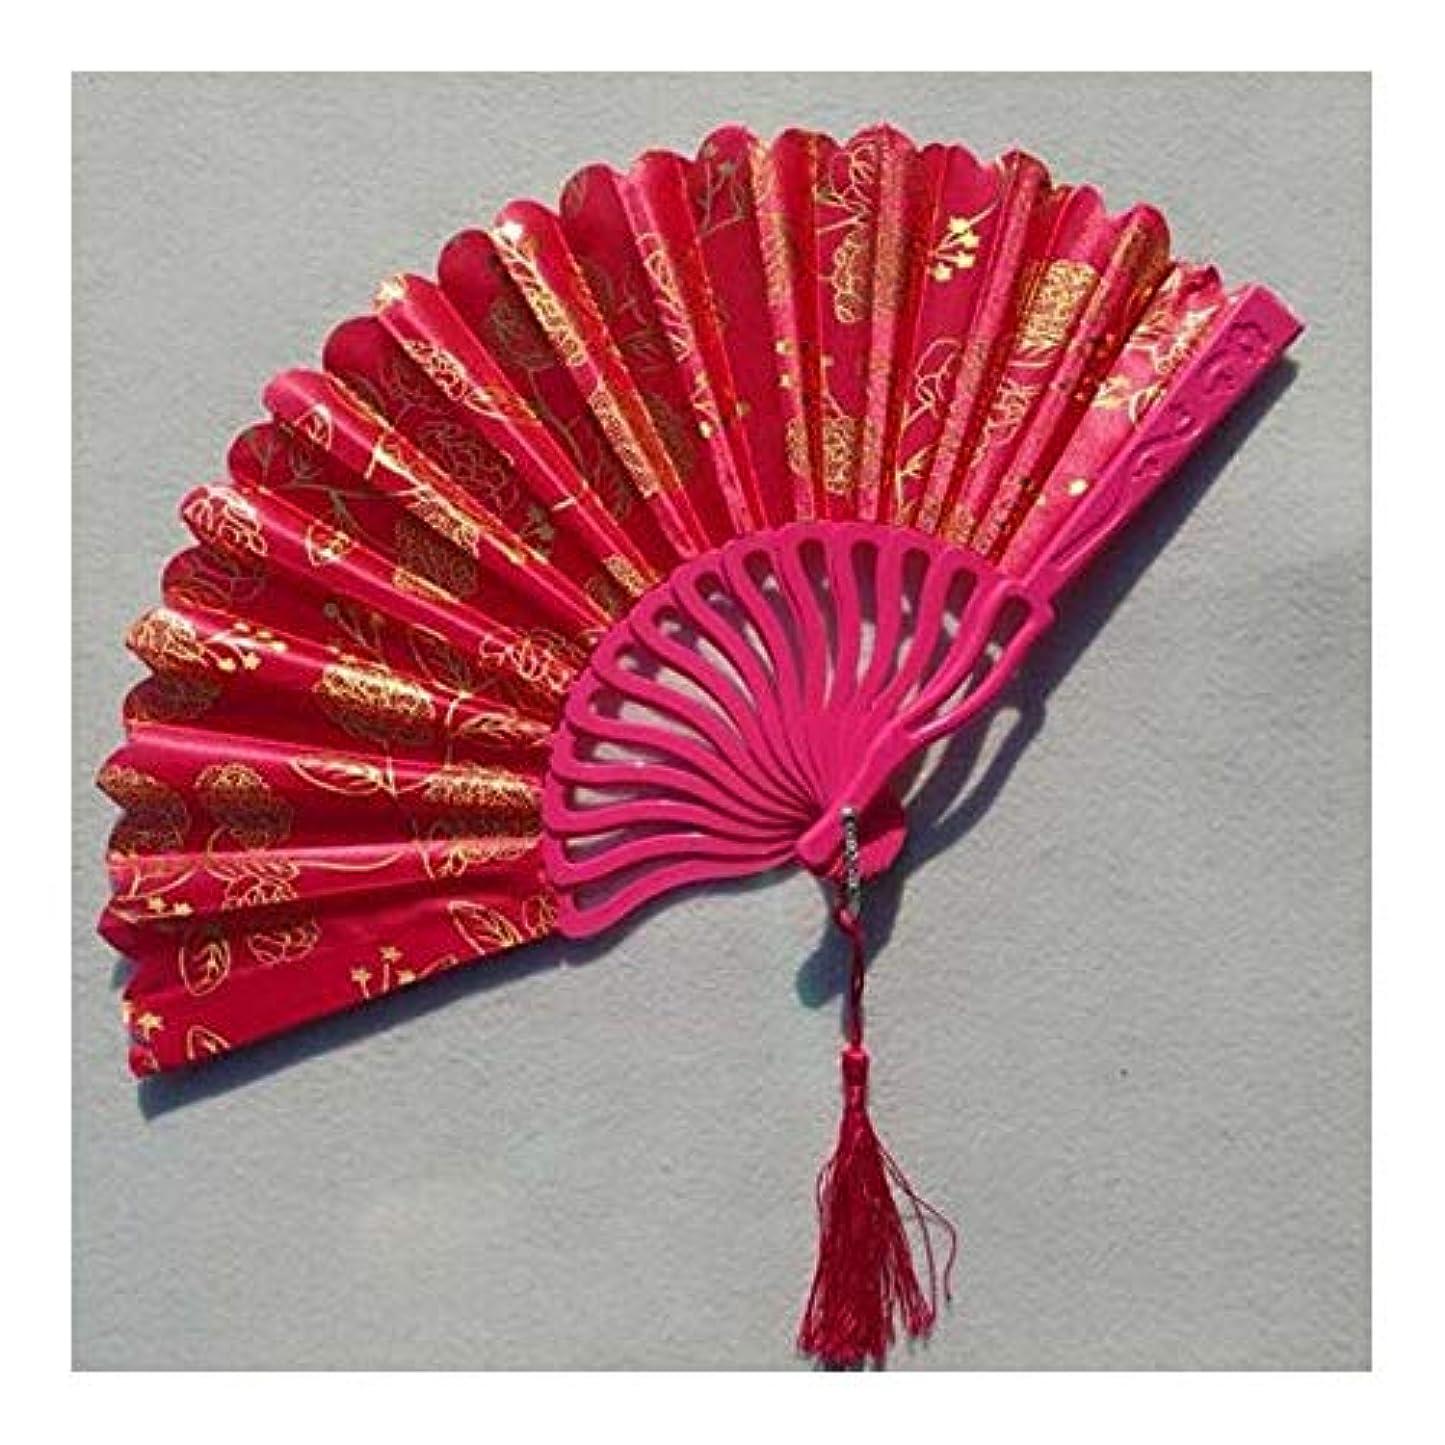 緩む子孫プロトタイプQIANZICAI ファン、アンティークレディ扇子、ホームアクセサリー、ダンスの小道具、マスカレード折りたたみ。 ファン (Color : Red)